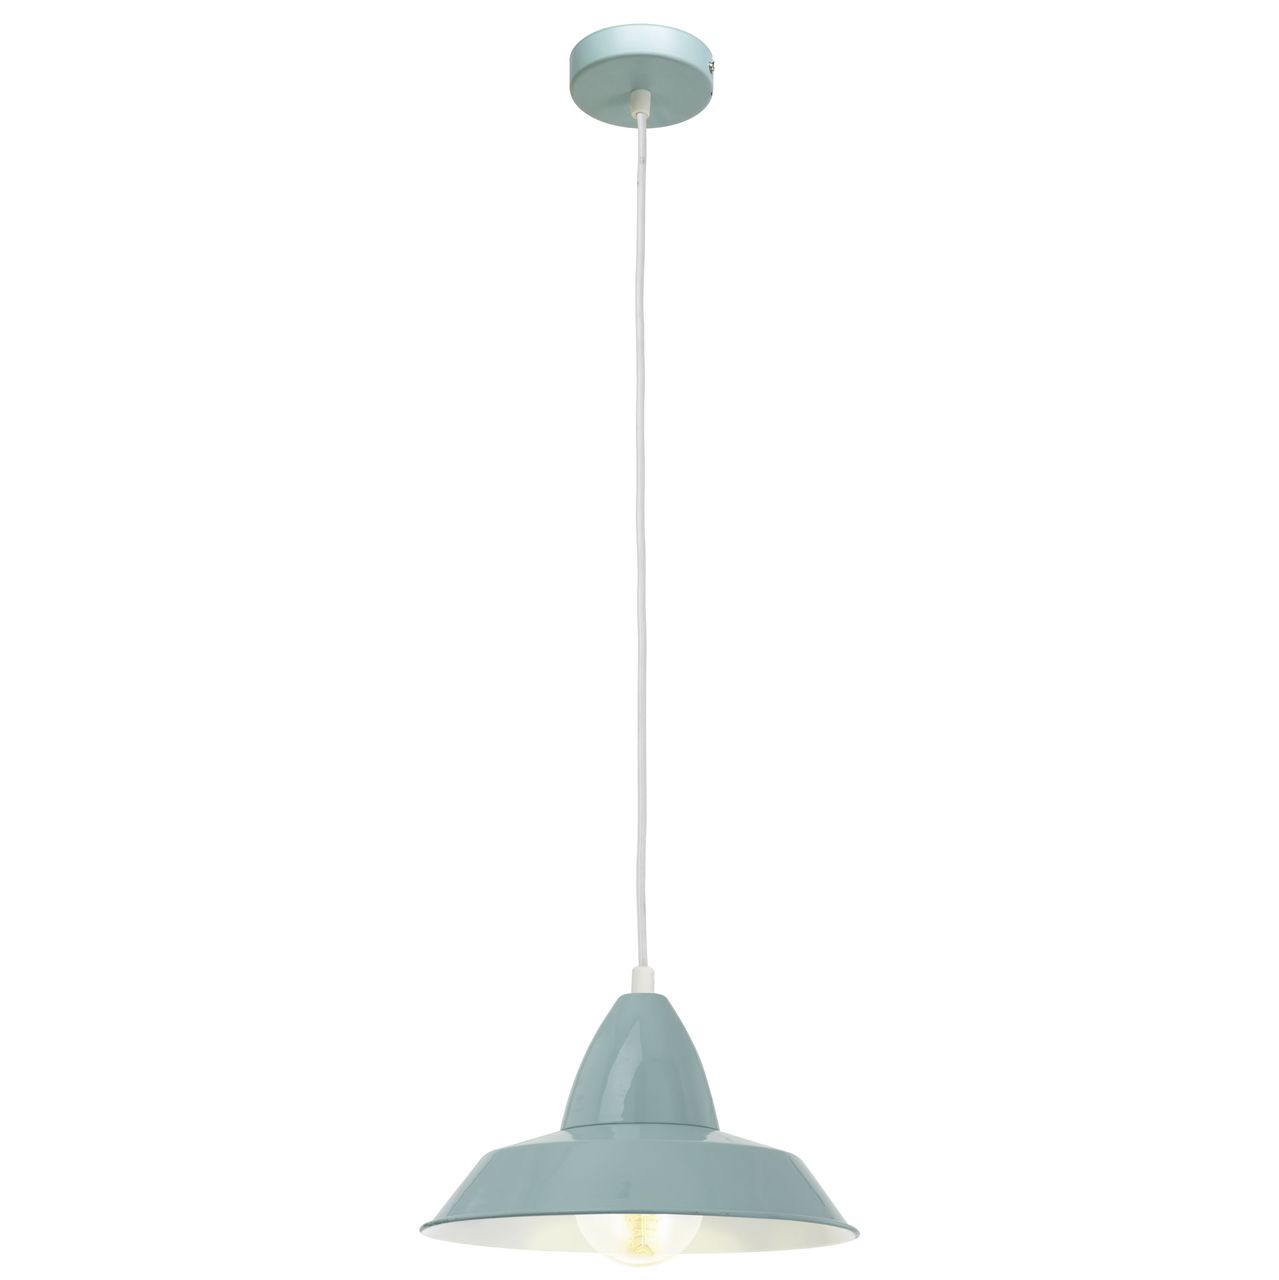 Подвесной светильник Eglo Vintage 49244 подвесной светильник eglo vintage 49239